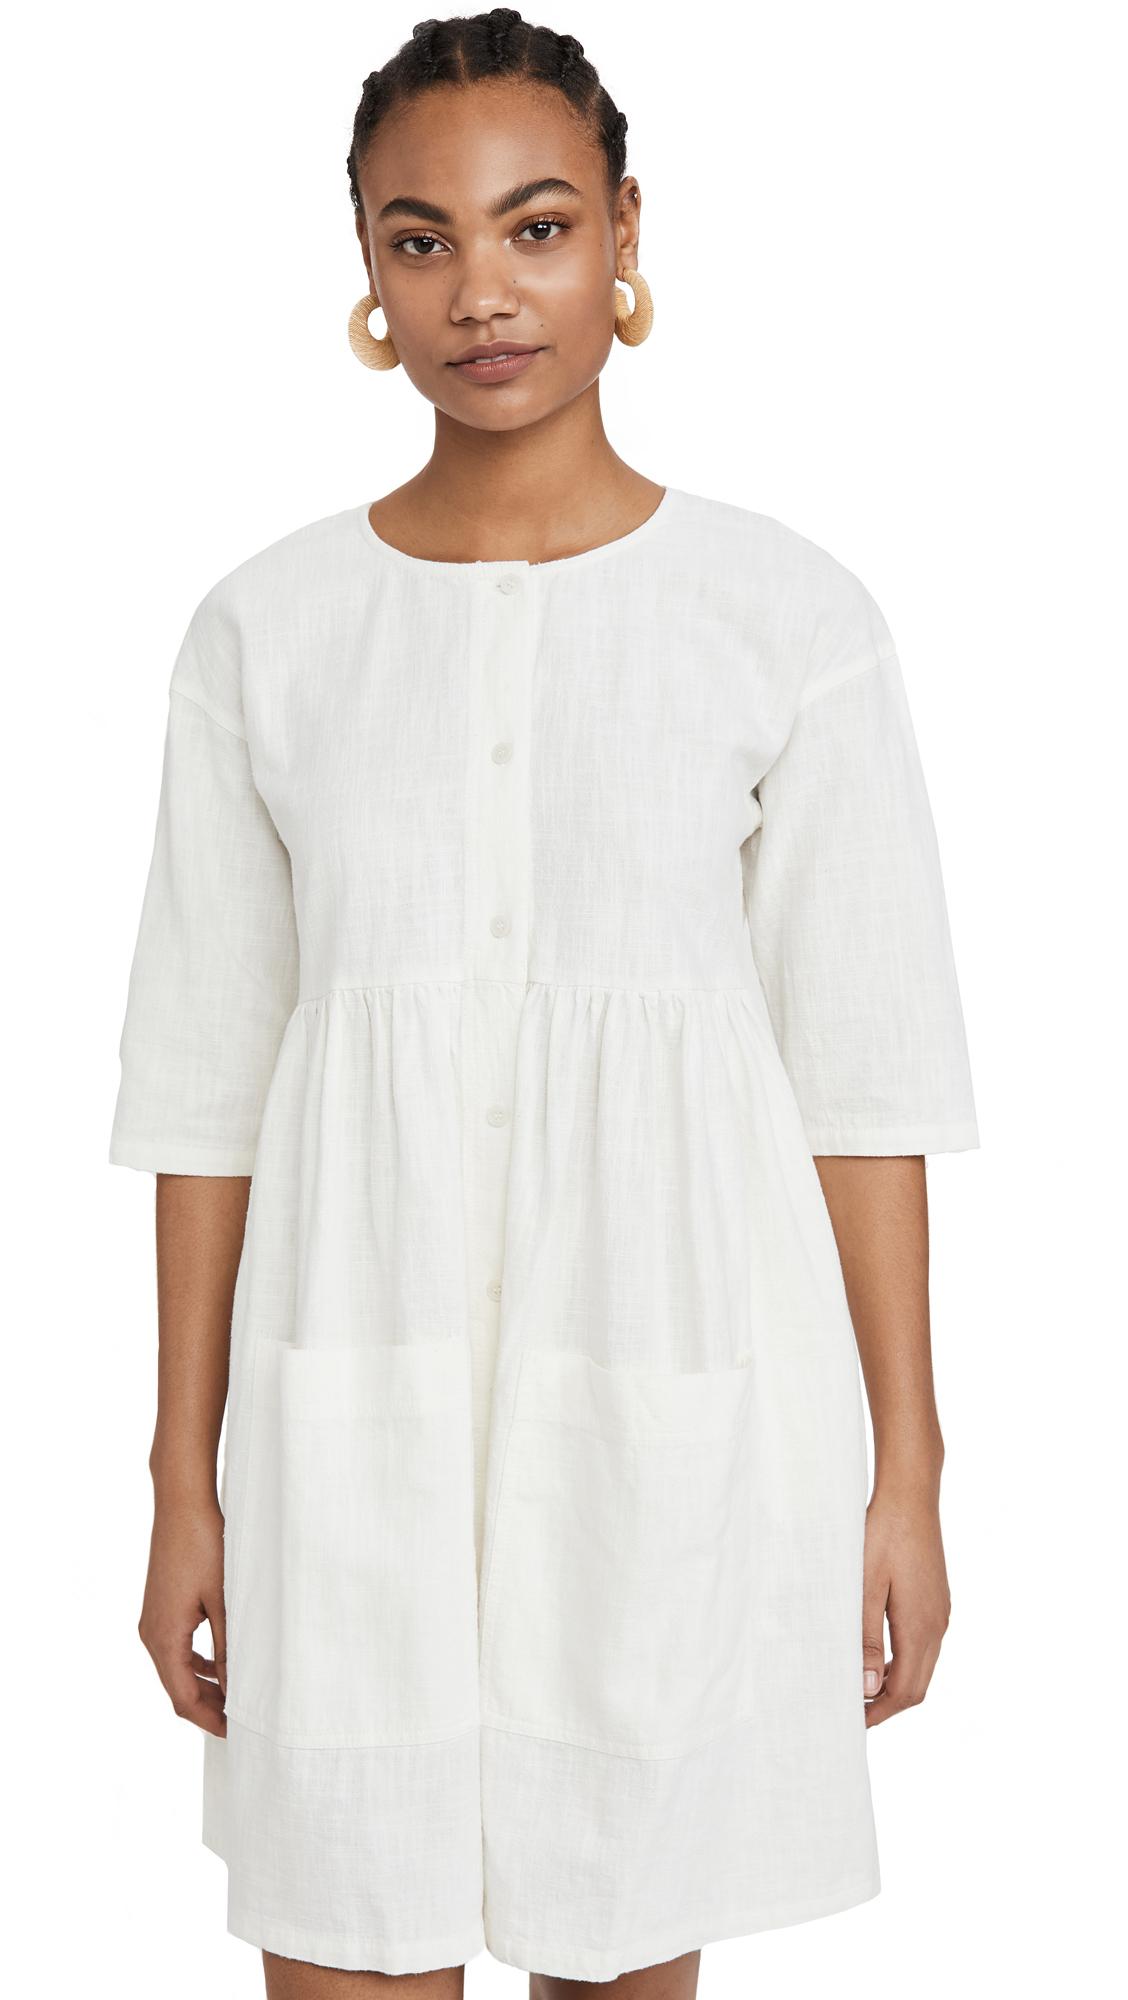 Buy L.F. Markey Samuel Dress online beautiful L.F. Markey Clothing, Dresses